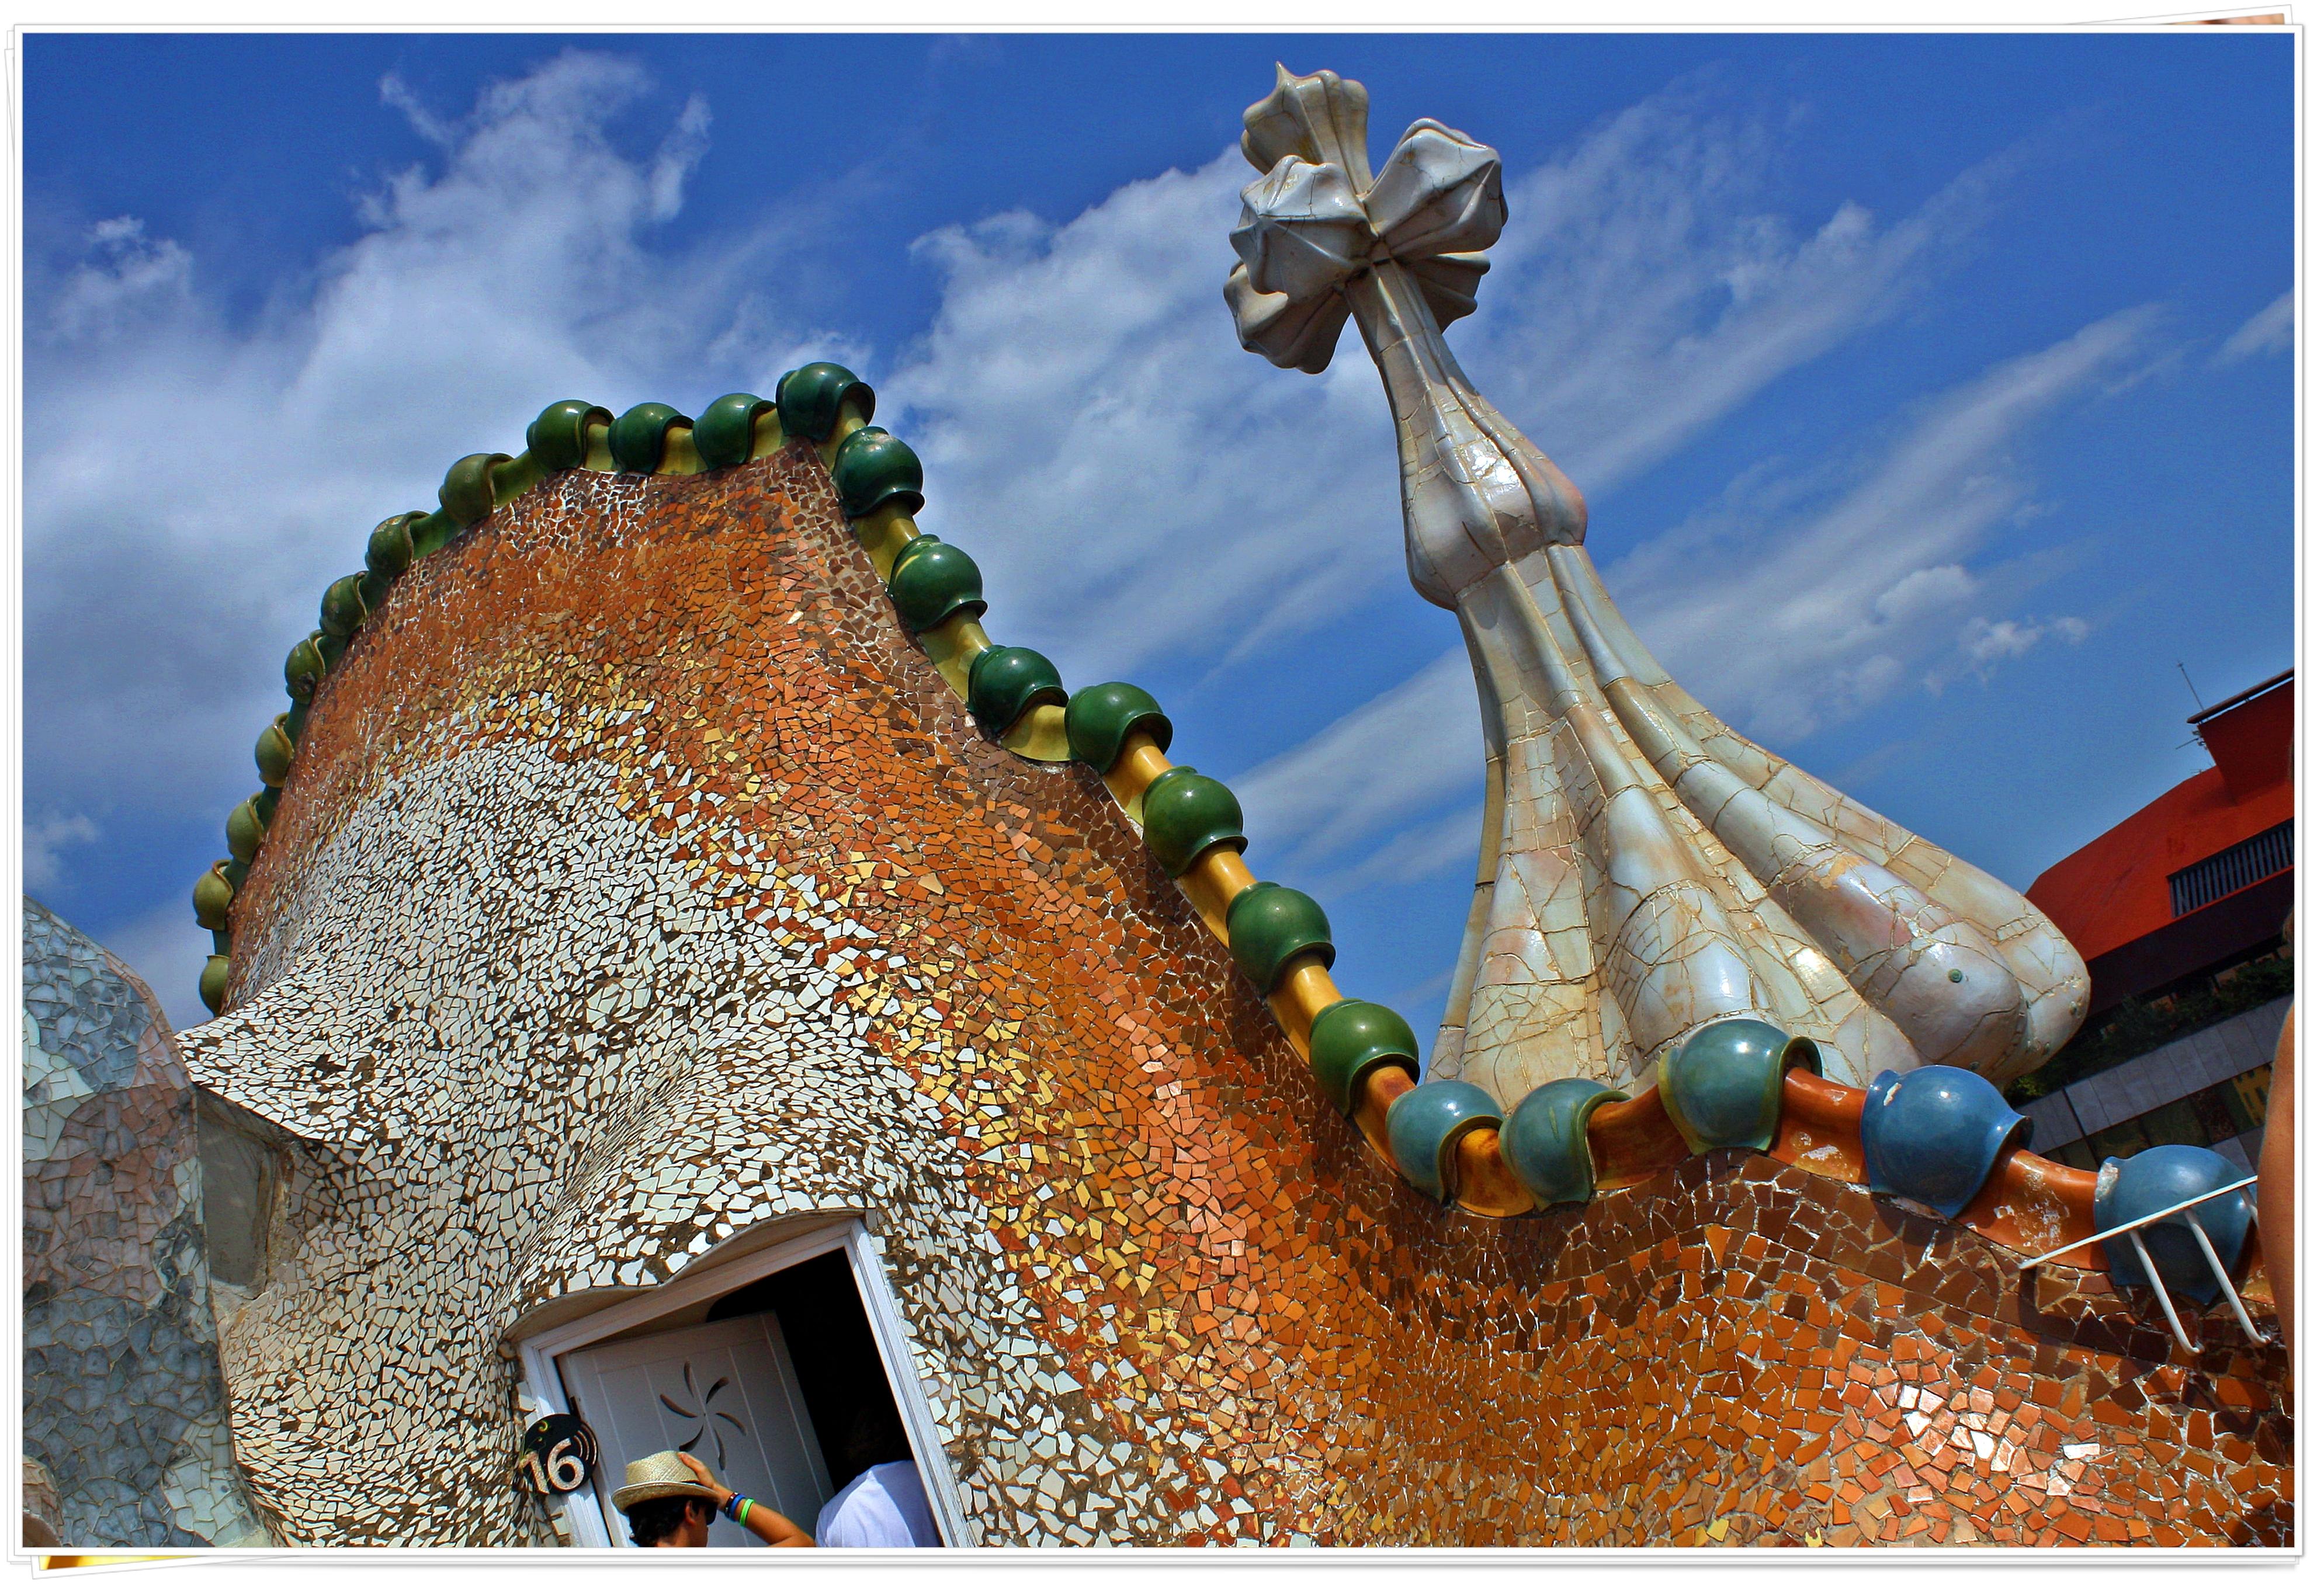 Casa Batlló - Barcelona, Spain 2013